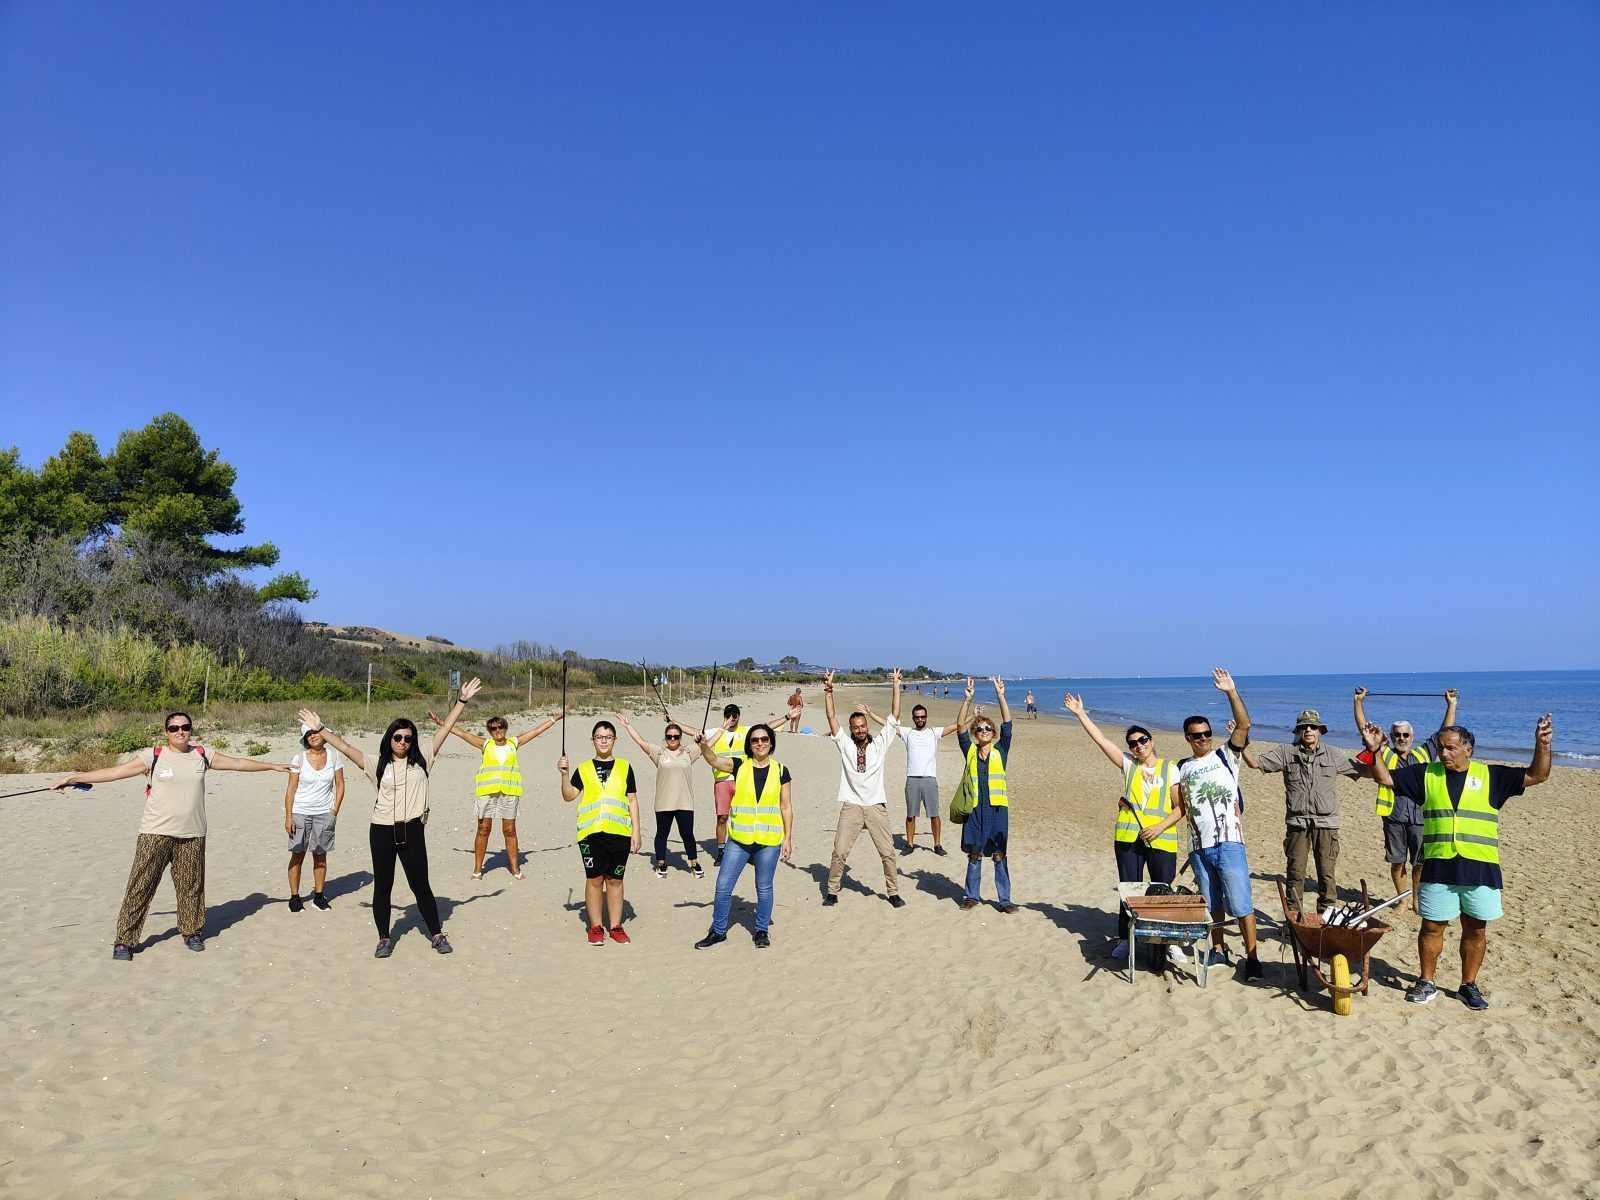 FOTO   Borsacchio, ripiantumata la duna con specie autoctone: rimedio naturale contro erosione costiera